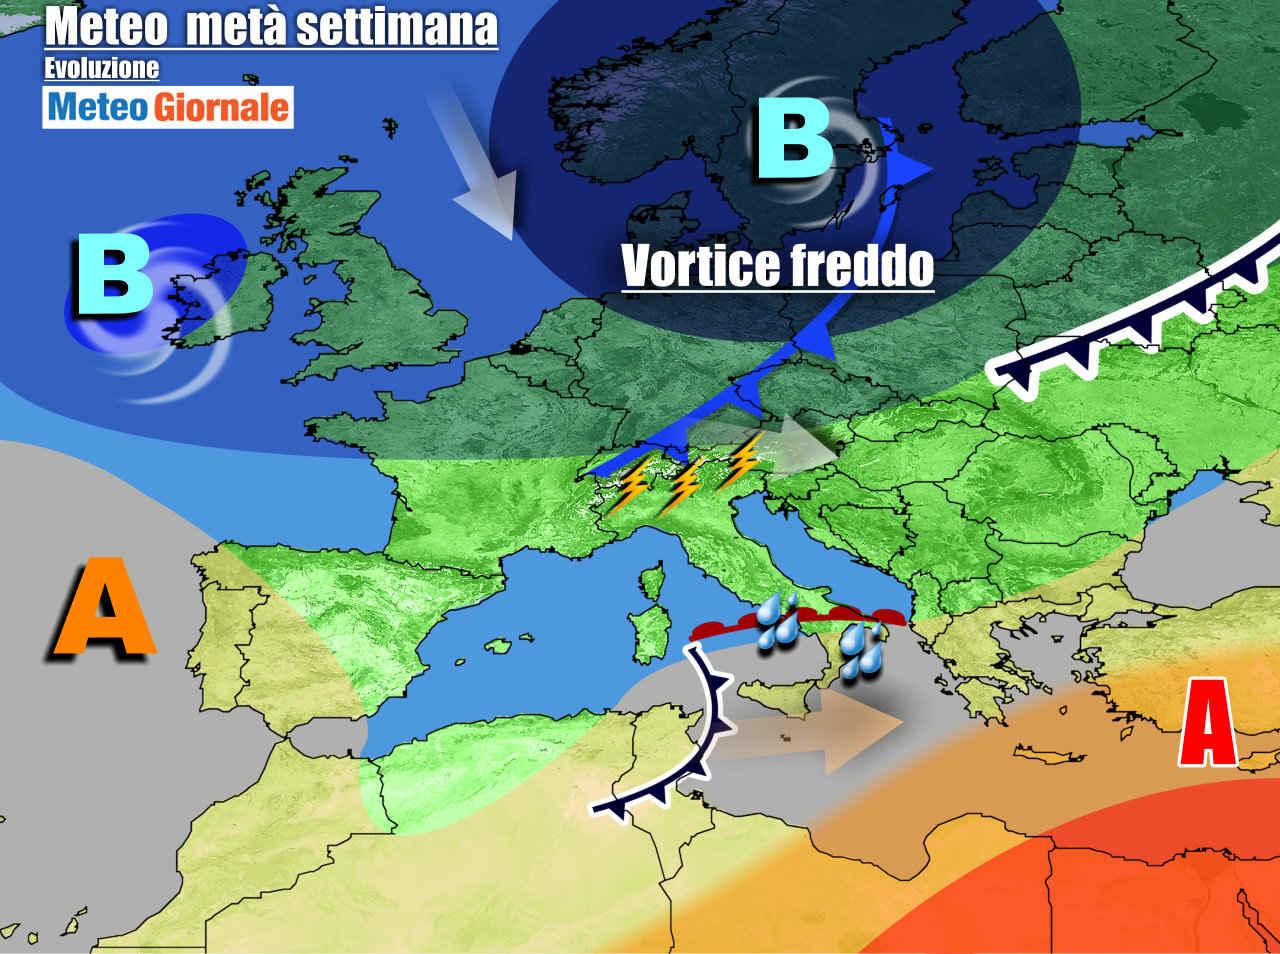 meteogiornale 7 g 2 - METEO Italia. Tra sole e qualche pioggia, veloci perturbazioni